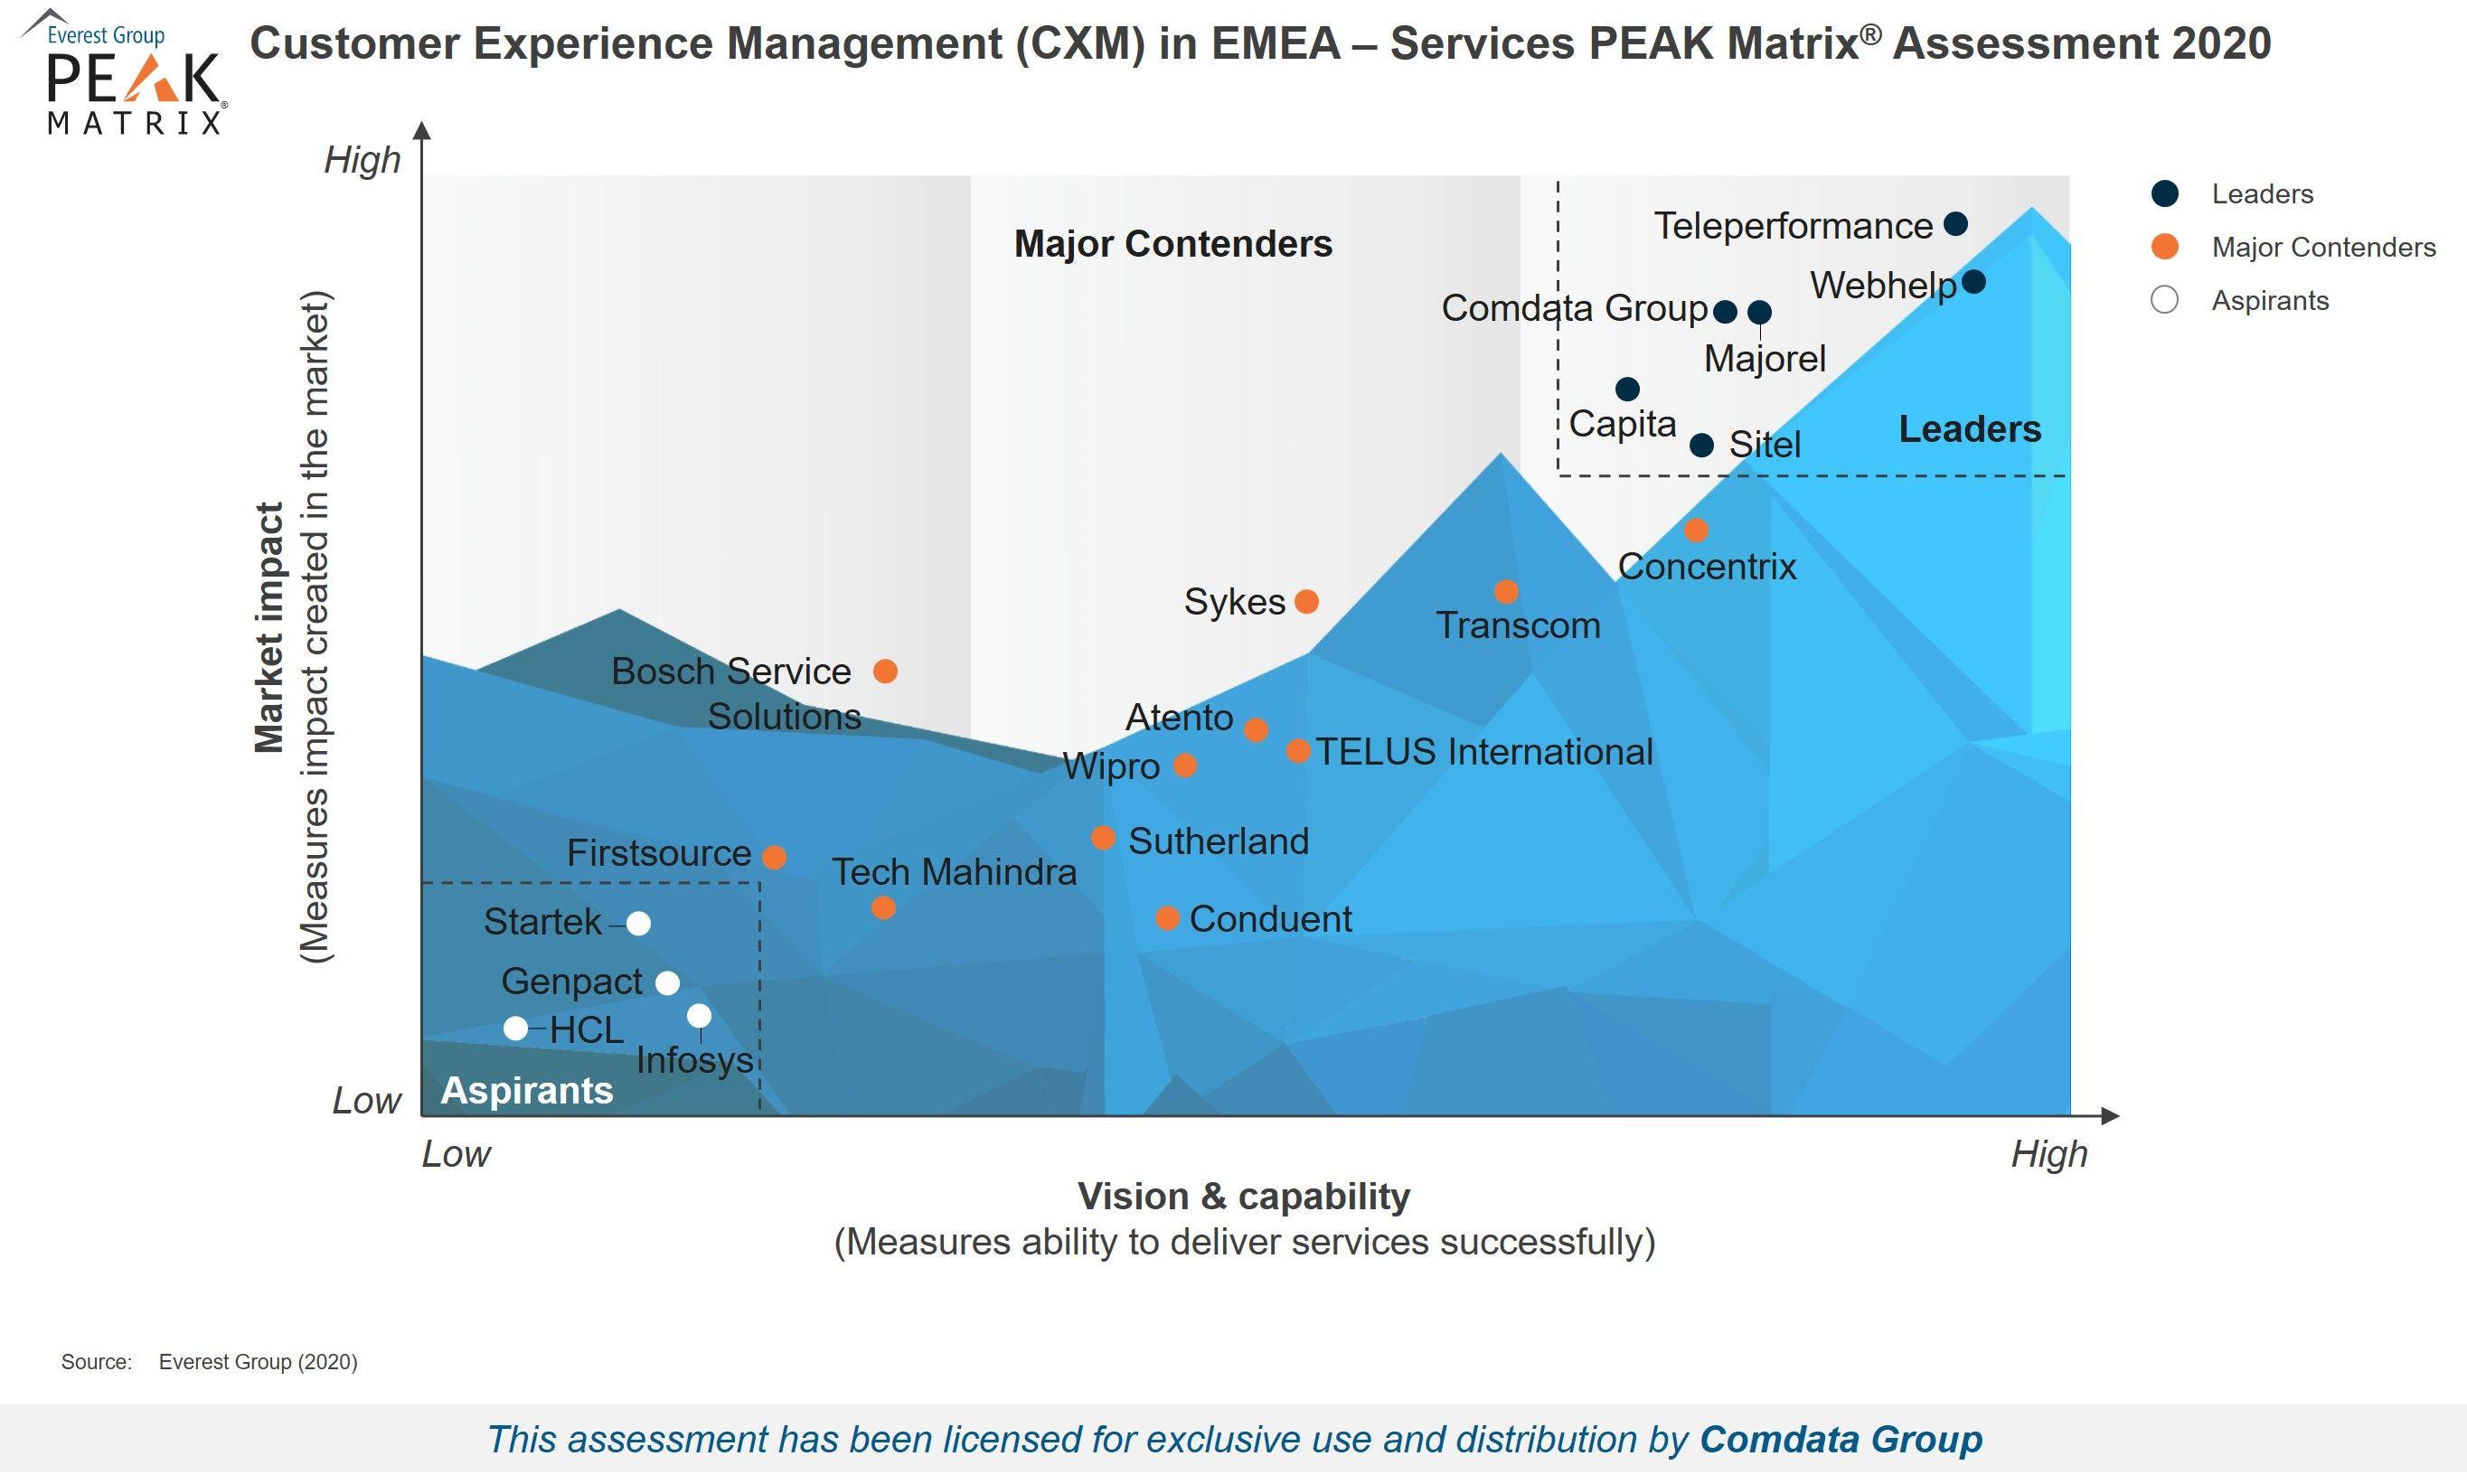 Foto de Comdata, líder en gestión CX en EMEA